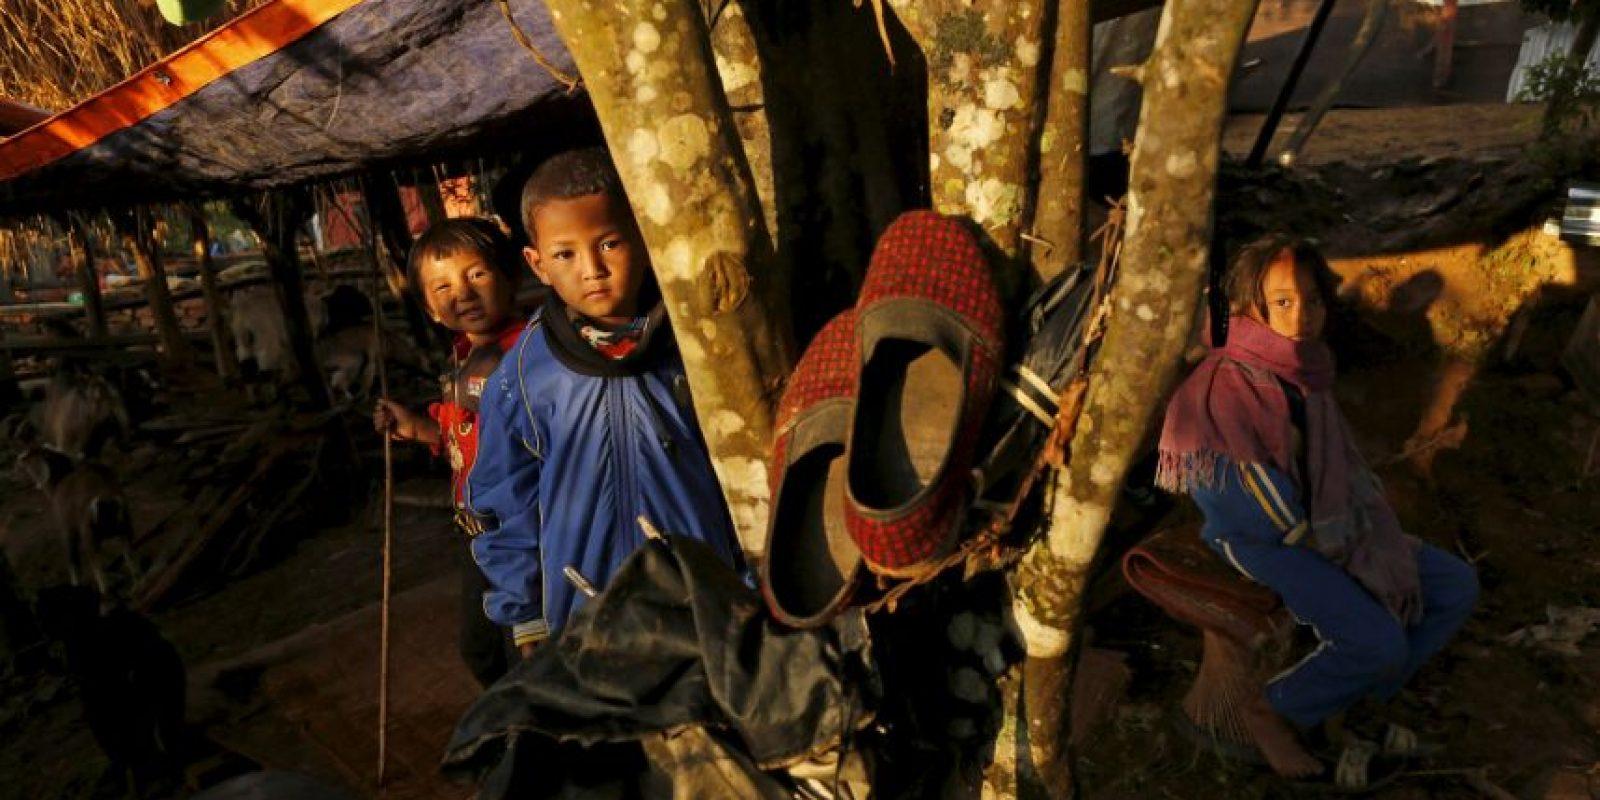 Entre el 40 y el 50% de la población afectada son menores de 18 años Foto:AP